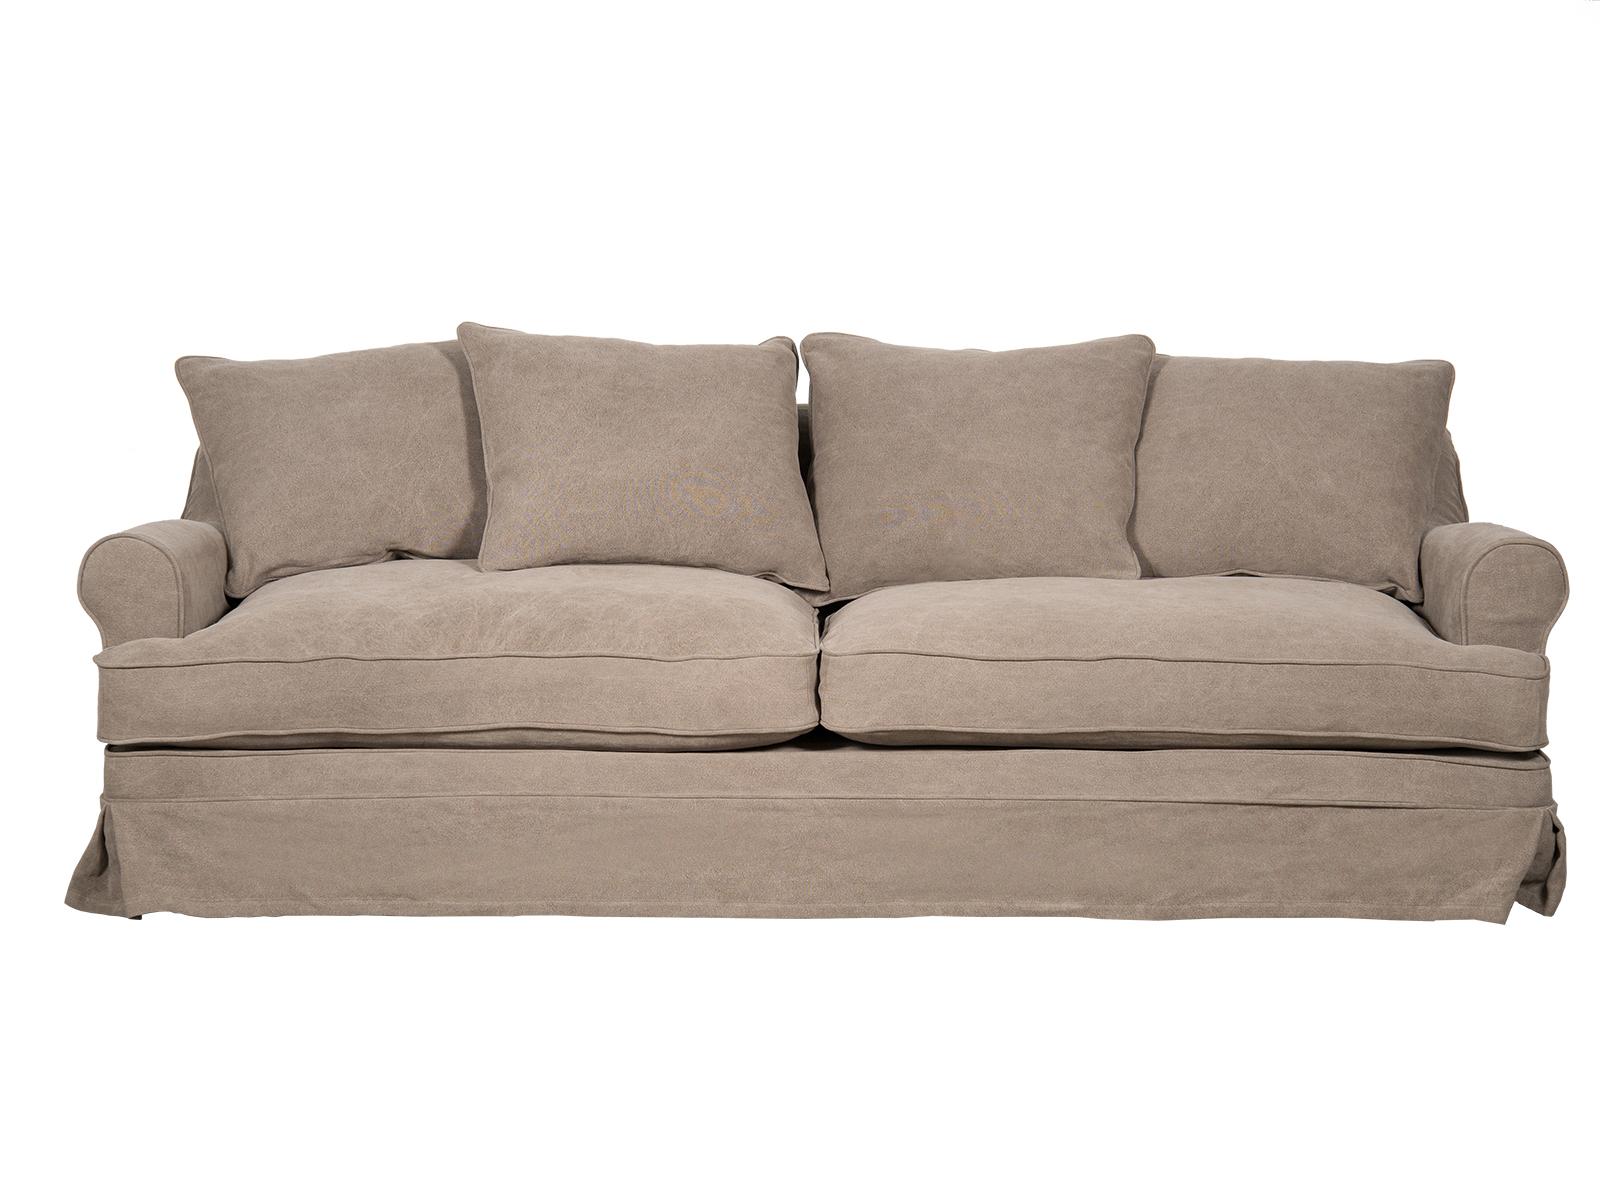 Canapea Fixa Christine